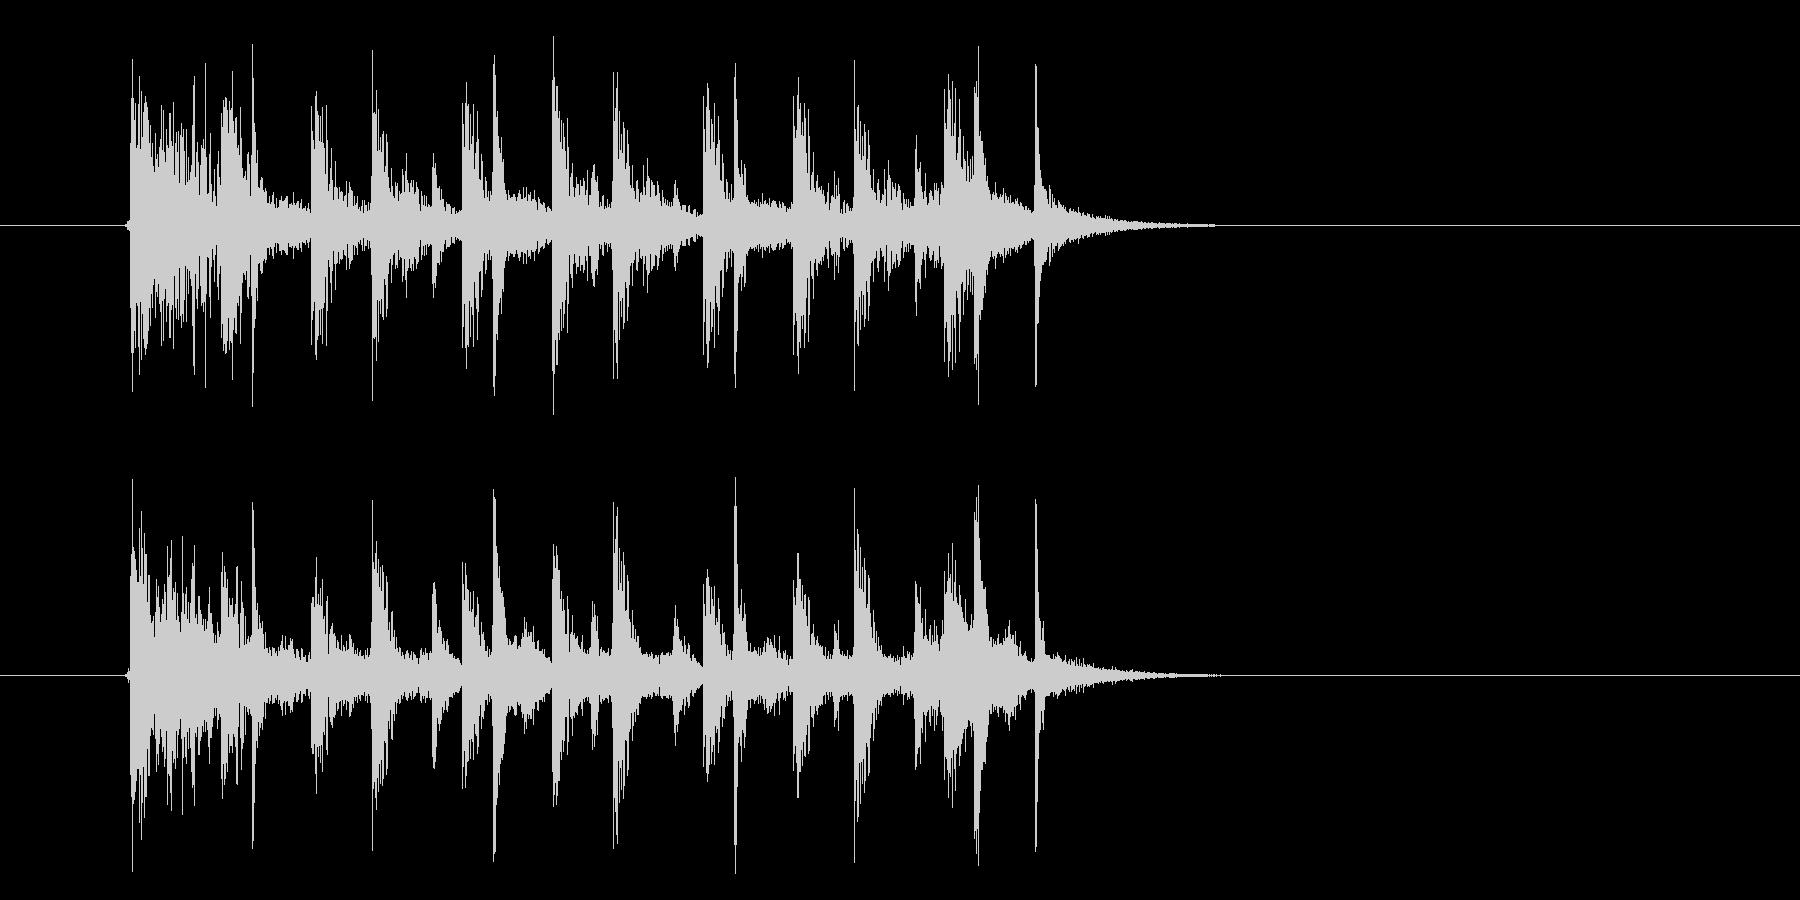 おしゃれでドキドキ感のあるシンセサウンドの未再生の波形